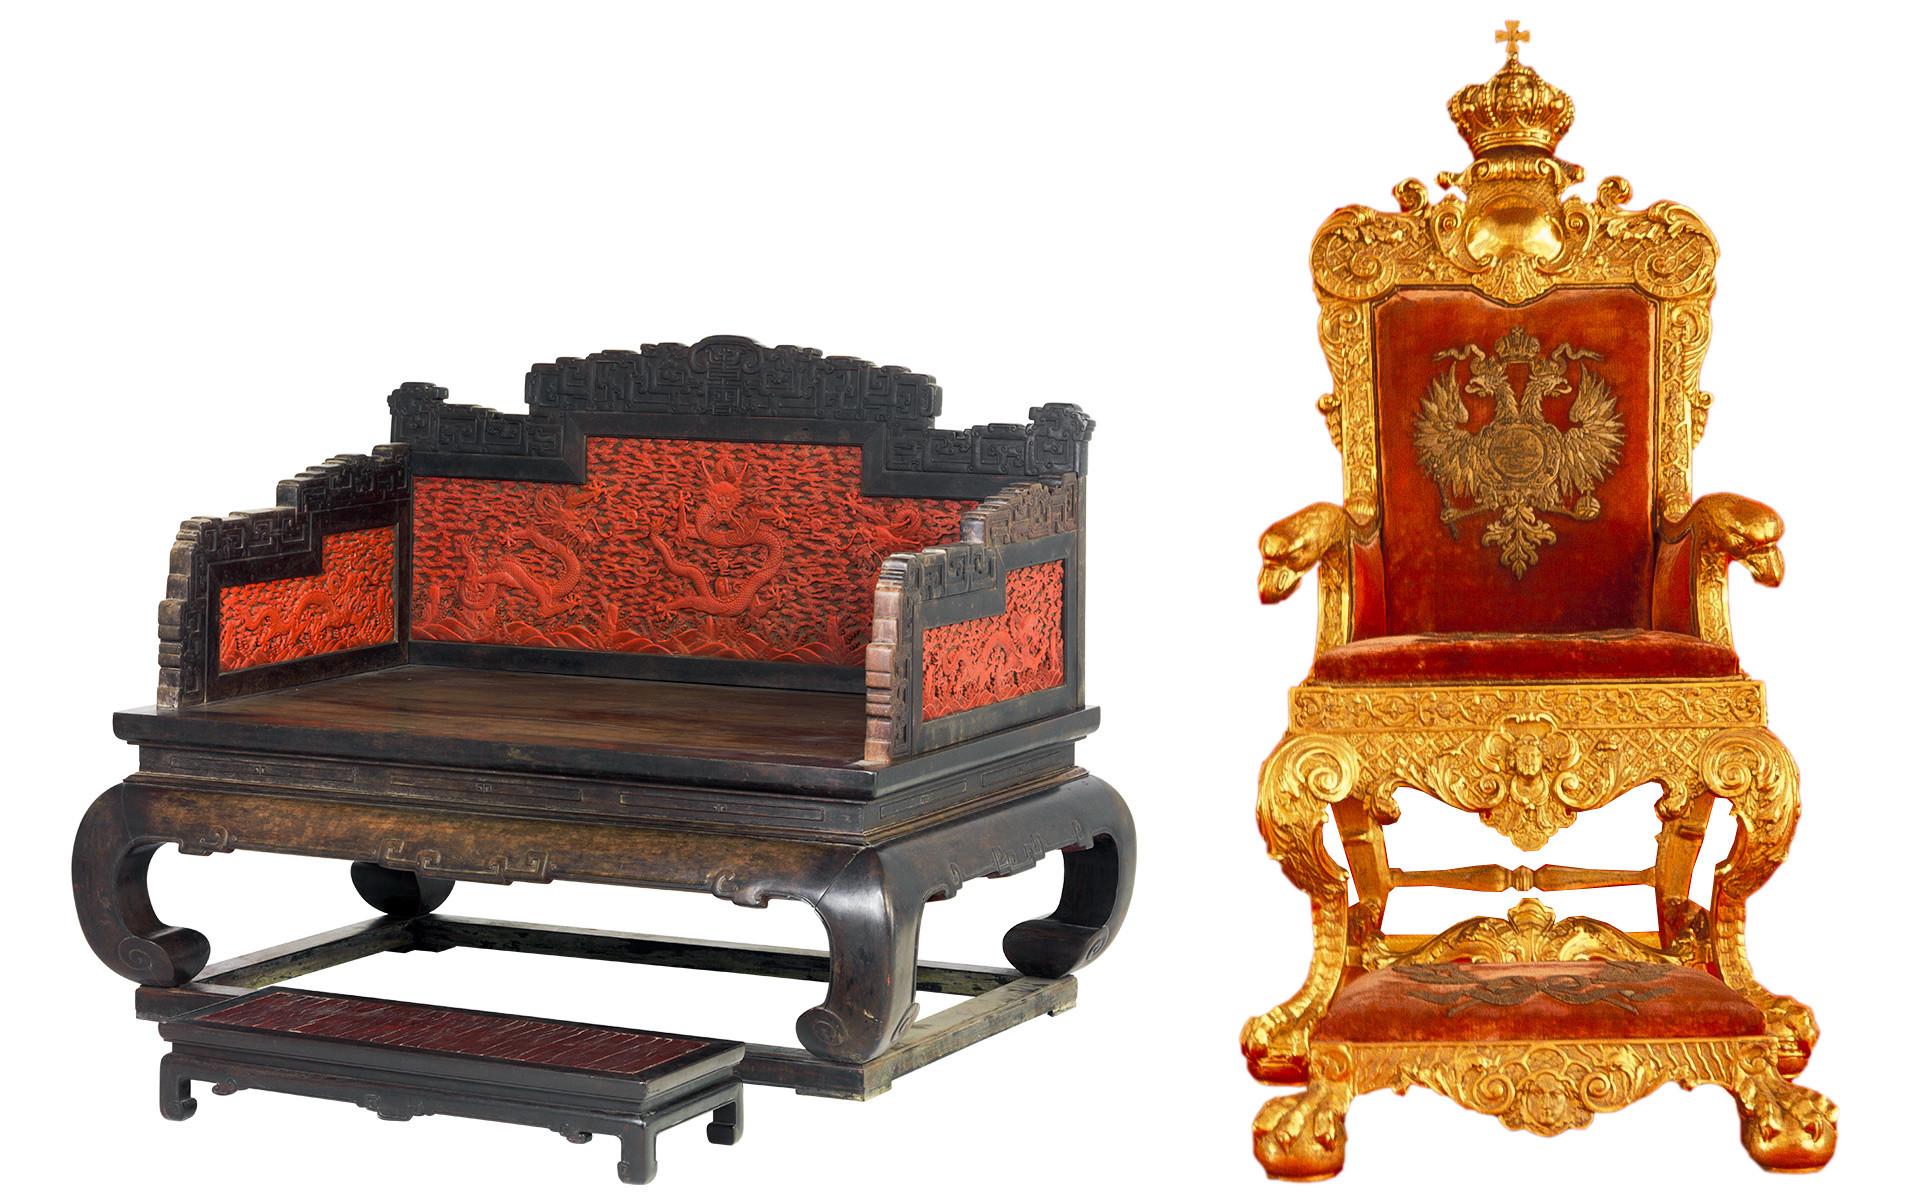 左:清朝時代(1644-1912)の皇帝の王座。右:ロシアの皇帝、パーヴェル1世の王座。